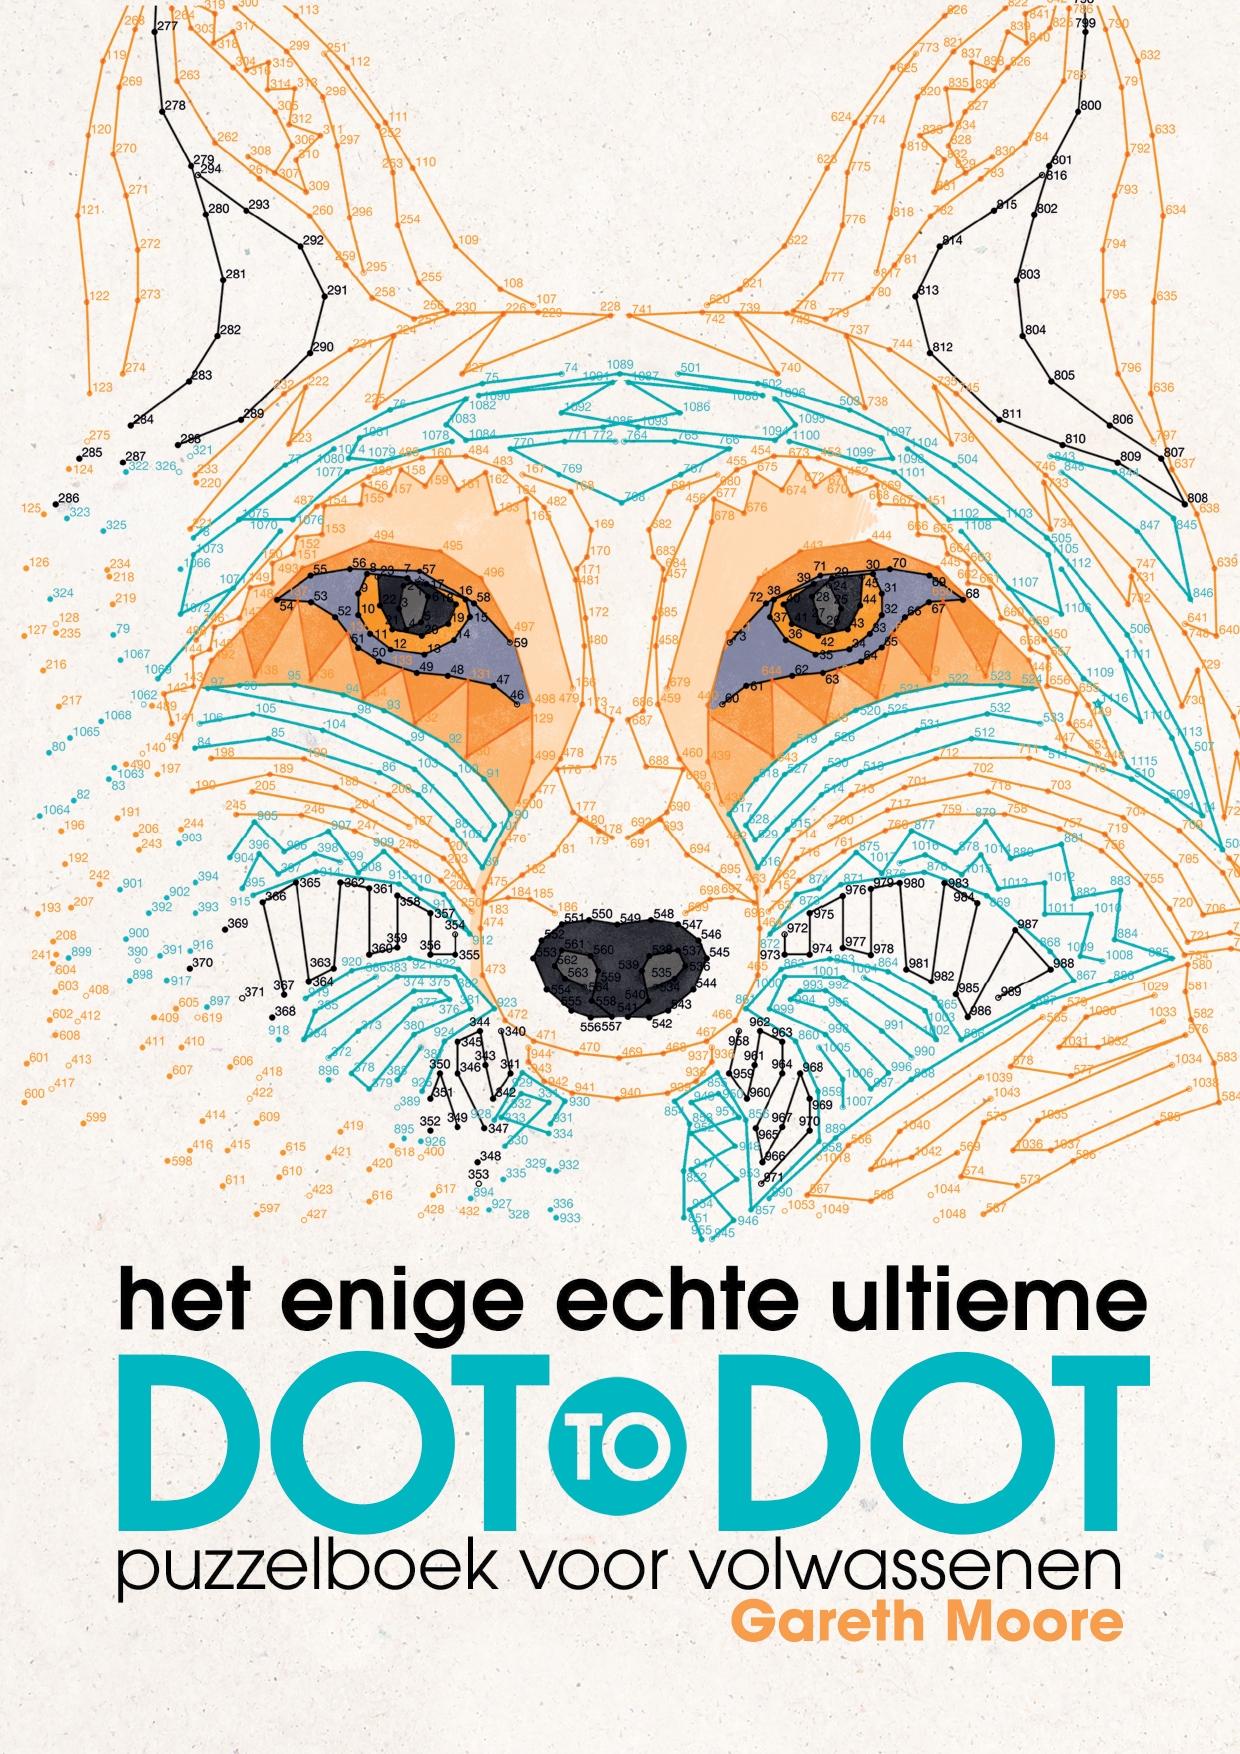 Het Enige Echte Ultieme Dot To Dot Puzzelboek Voor